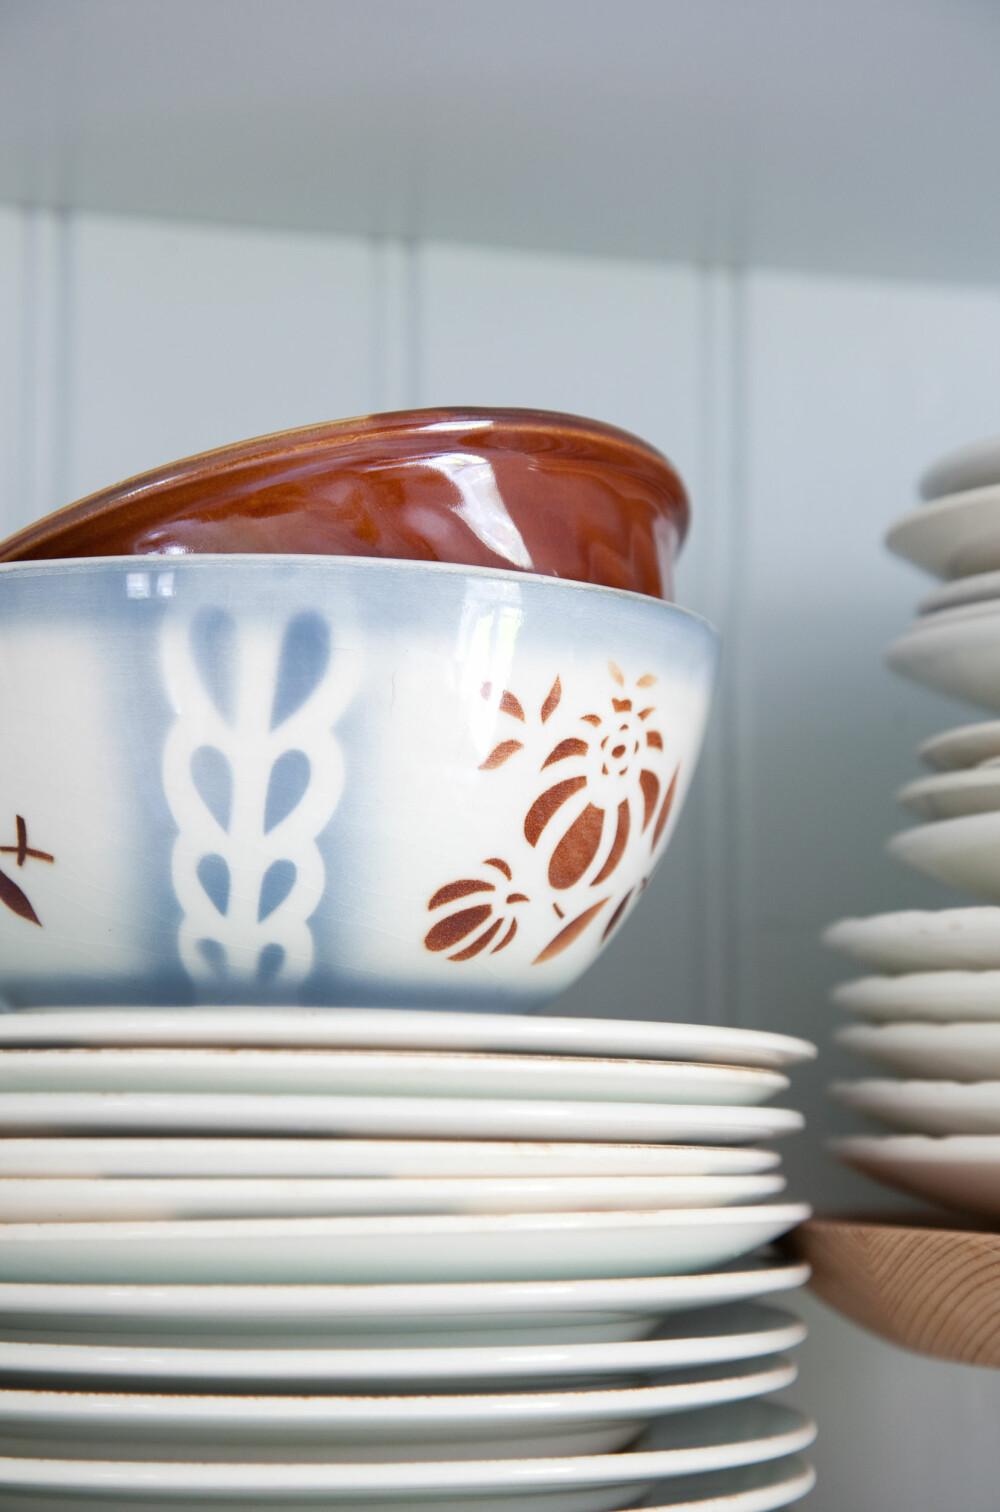 NOSTALGISK PORSELEN: Porselen fra kjente produsenter som Figgjo, Egersund og Stavanger Flint, med vakre mønster i pastellfarger, passer så godt inn i dette kjøkkenet.